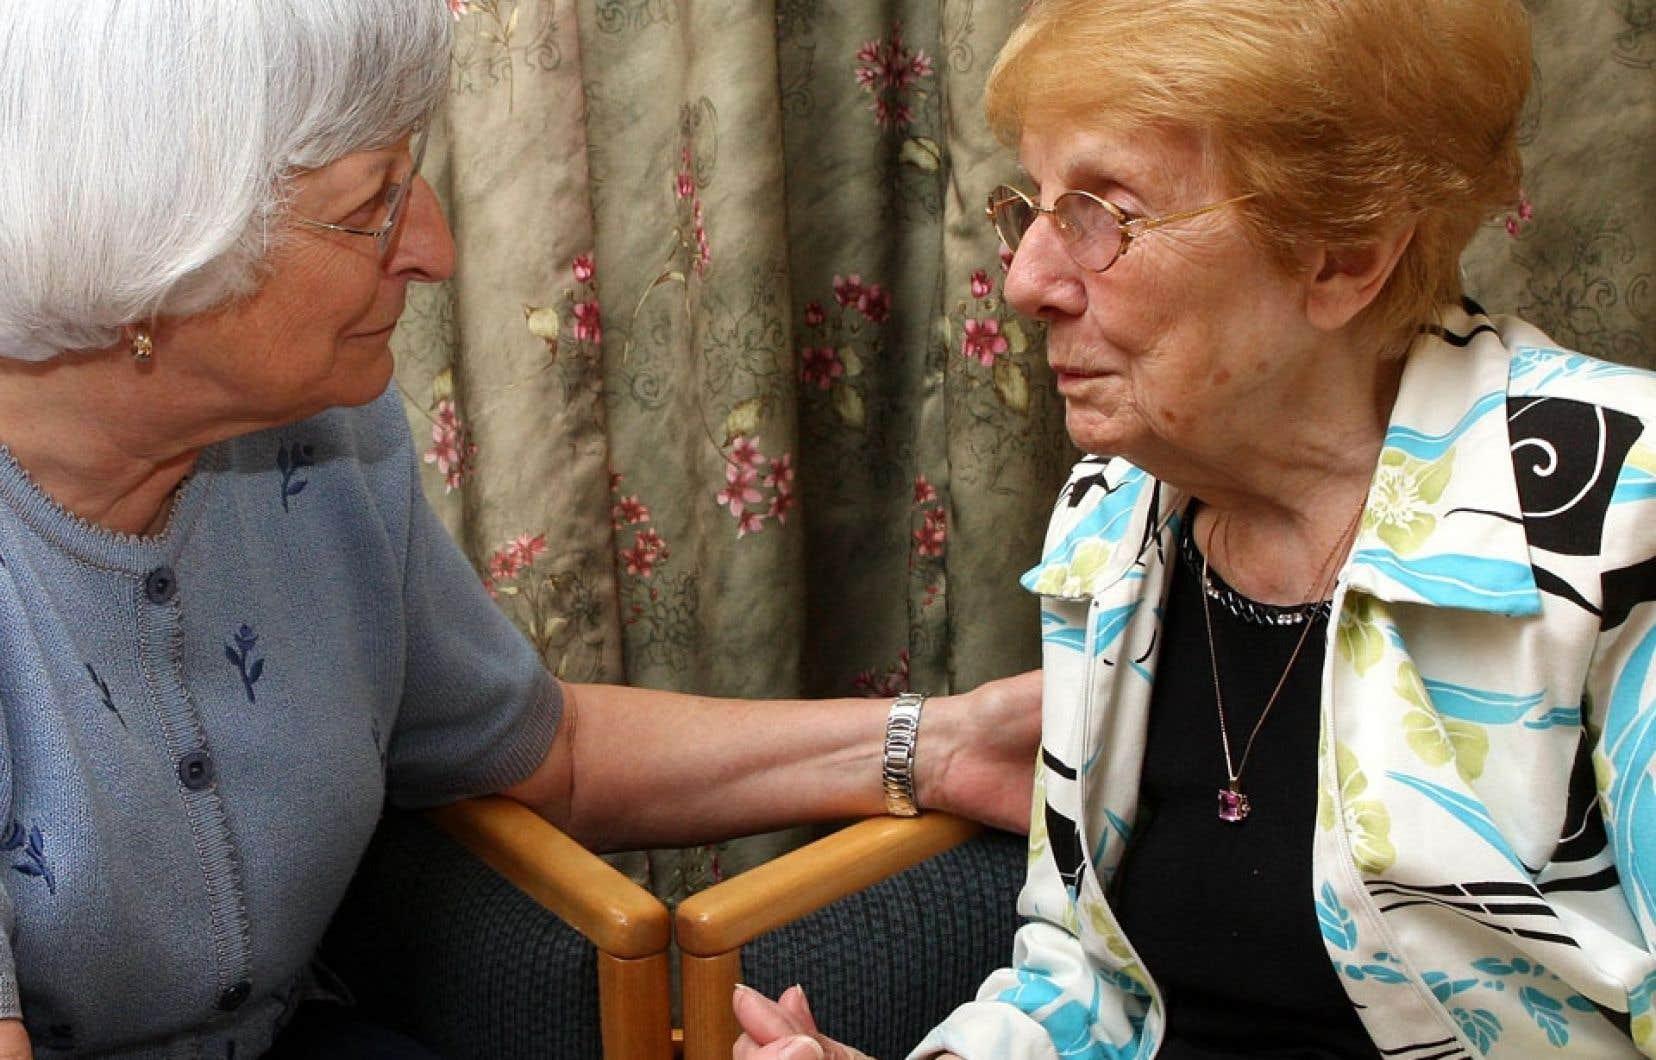 Actuellement, on diagnostique la maladie d'Alzheimer lorsque les personnes présentent des problèmes cognitifs ayant un impact sur le fonctionnement de leur vie de tous les jours, souligne Sylvie Belleville, directrice de la recherche de Institut universitaire de gériatrie de Montréal.